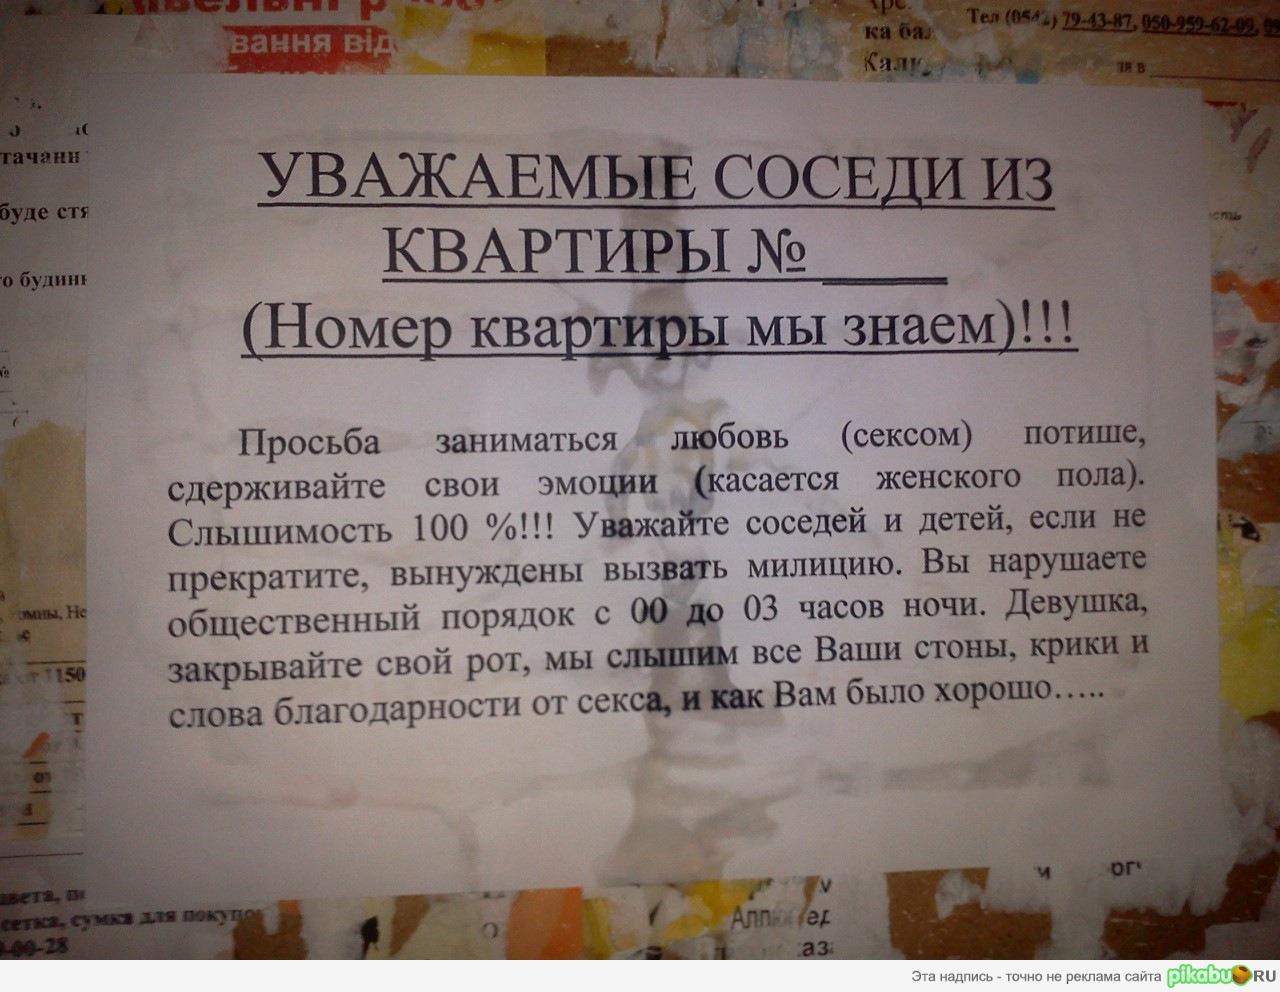 Дмитриев Павел Еще не поздно Часть Iii Разбег в